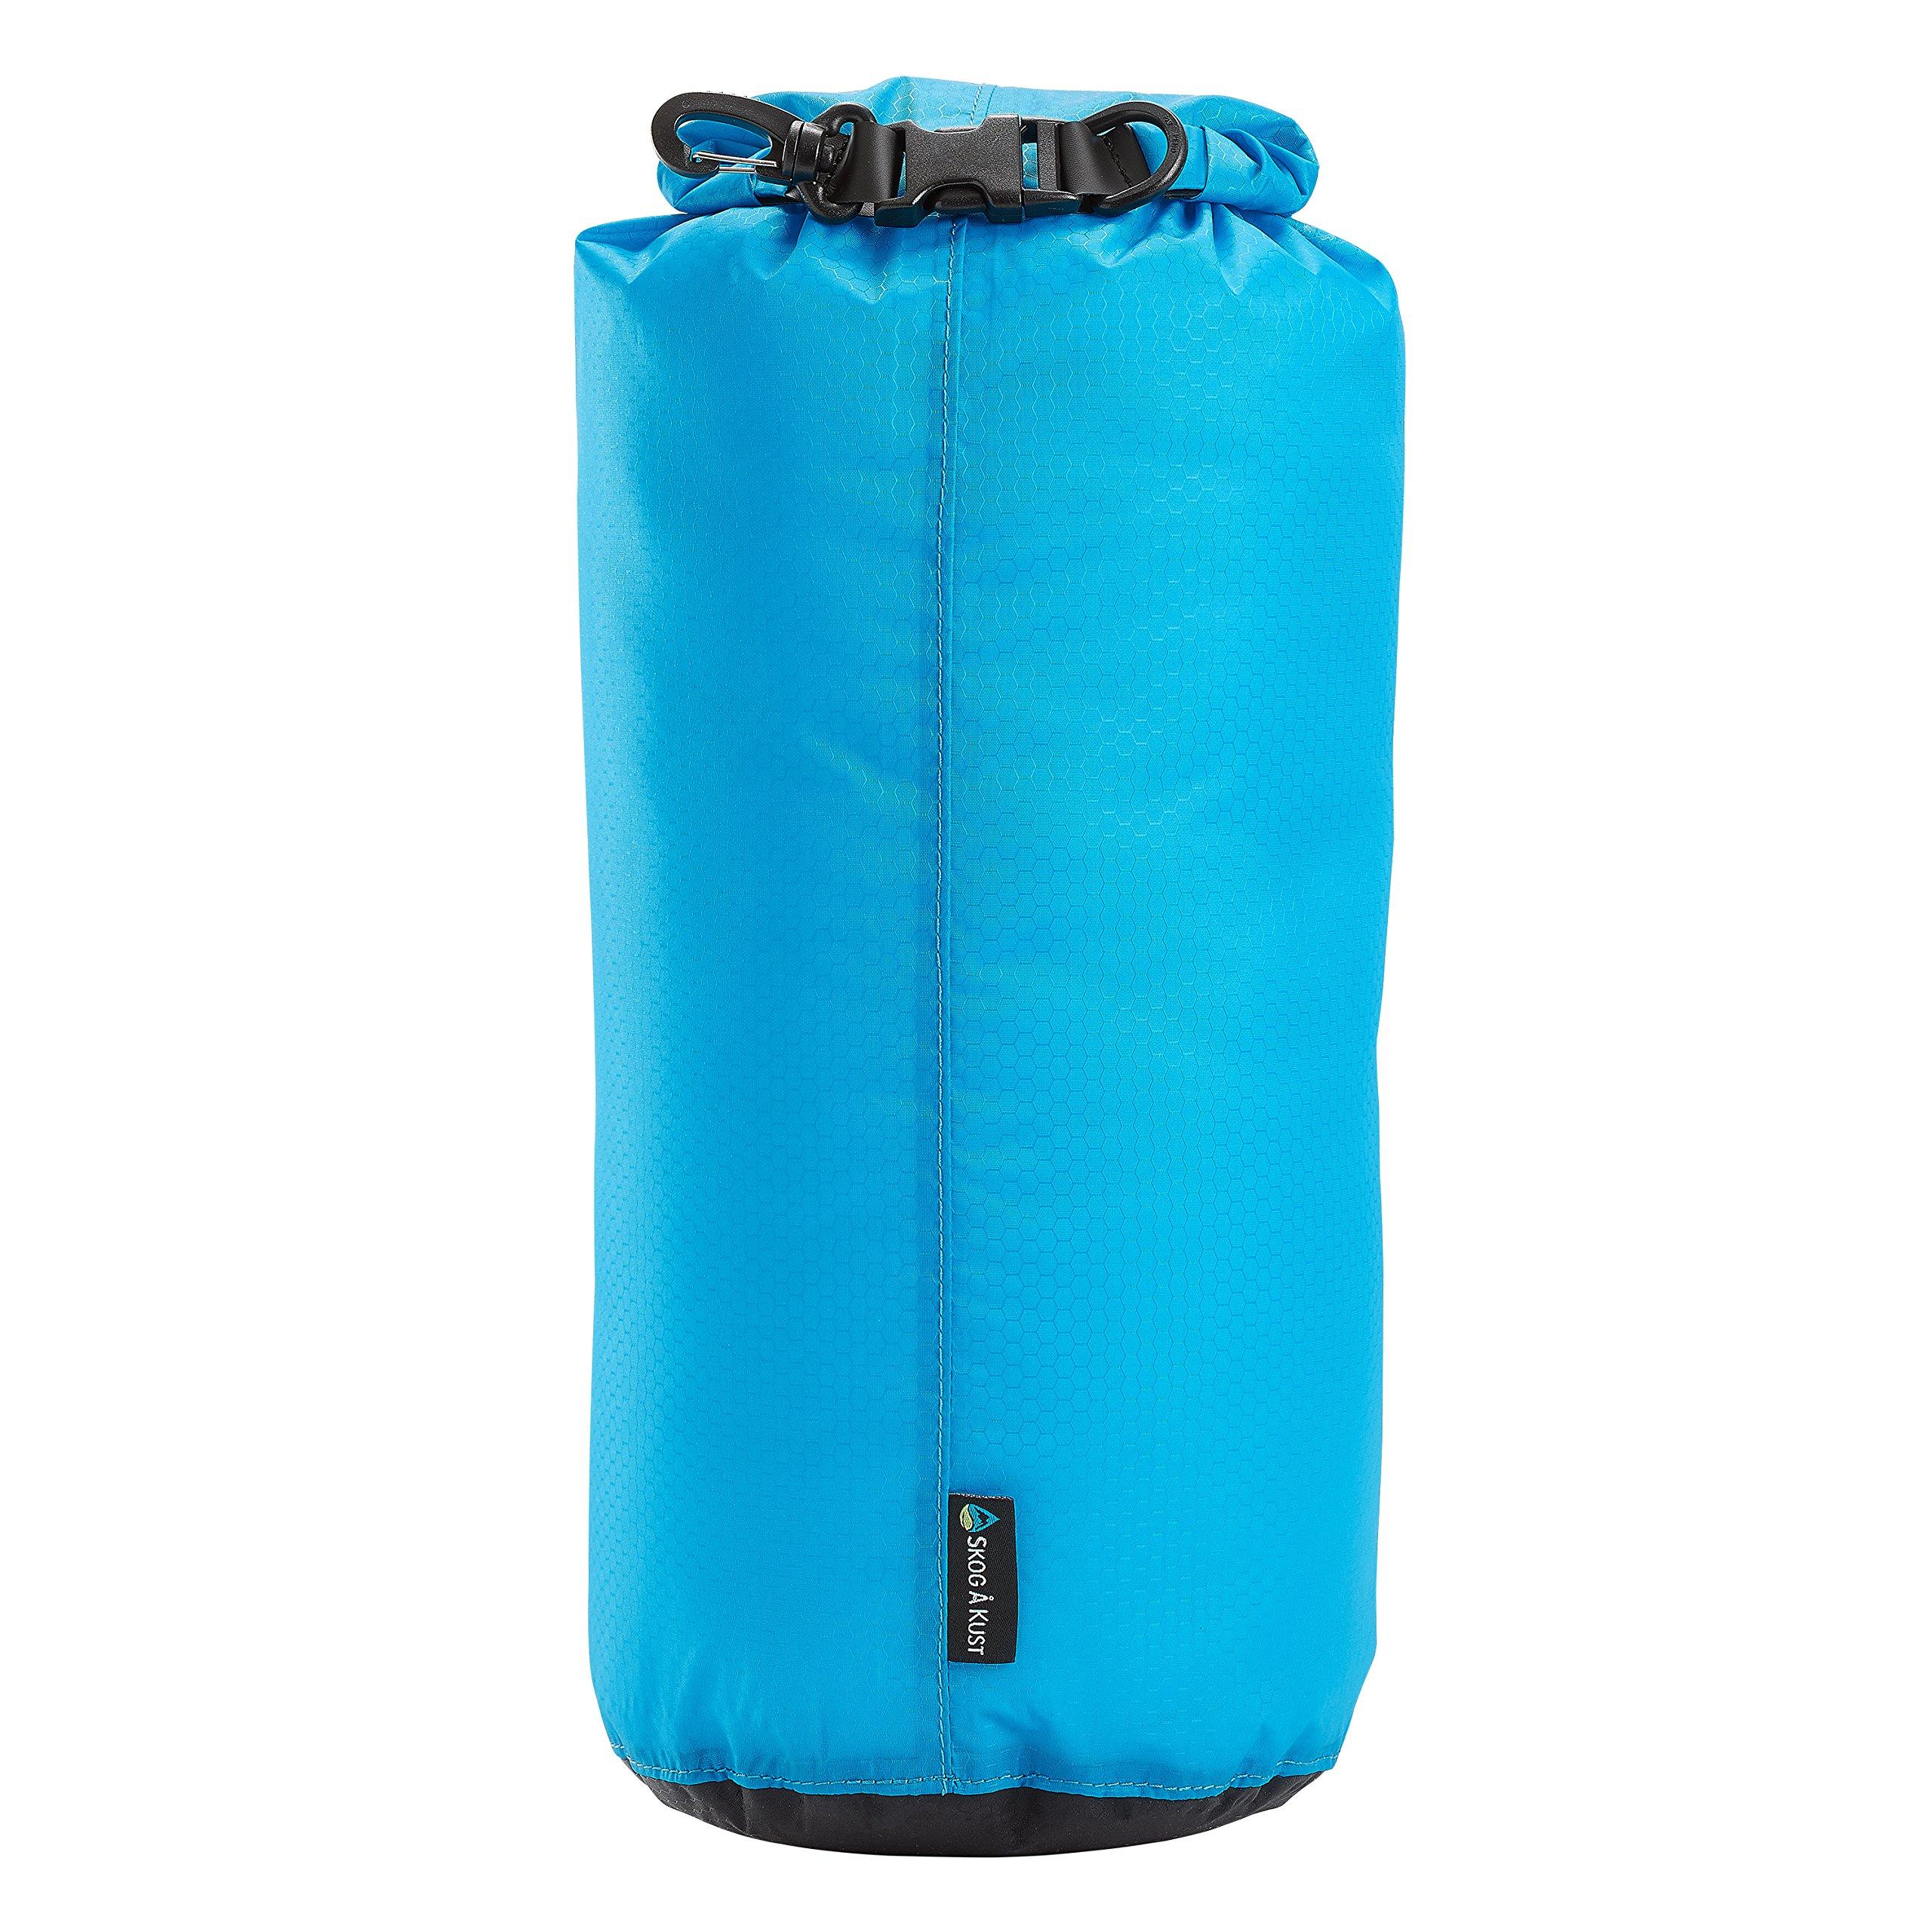 Såk Gear LiteSåk 2.0 Waterproof Ultralight Dry Bag | Blue 2.0, 1.5 Liter